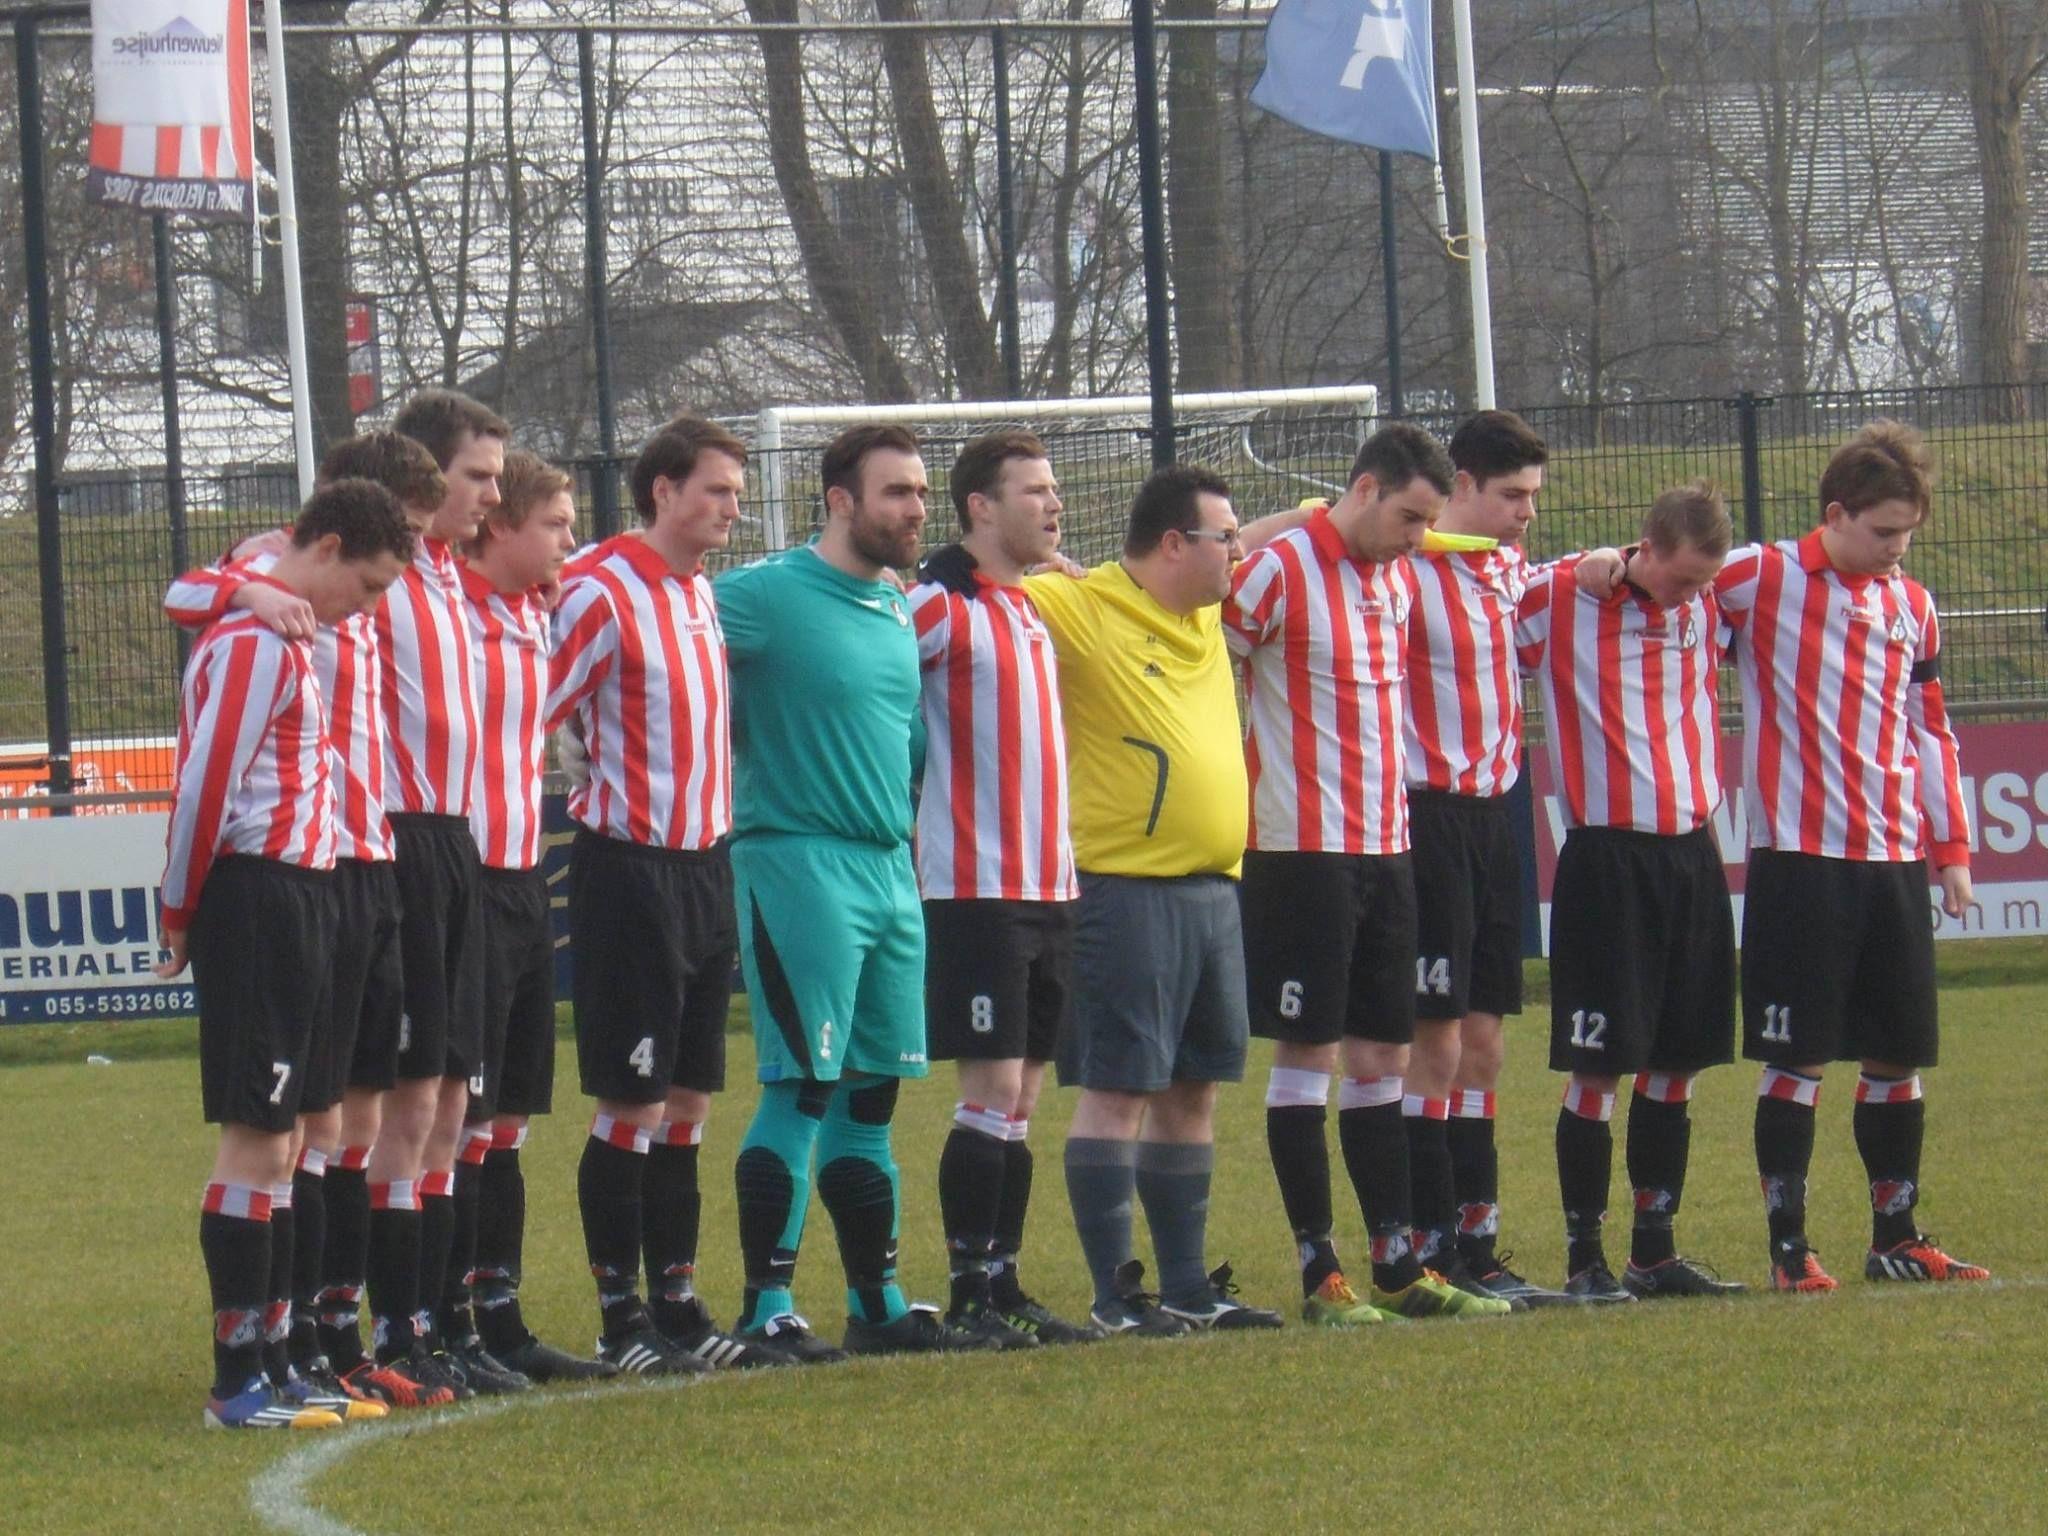 http://www.apeldoorn-nieuws.nl/voetbalprogramma-2/